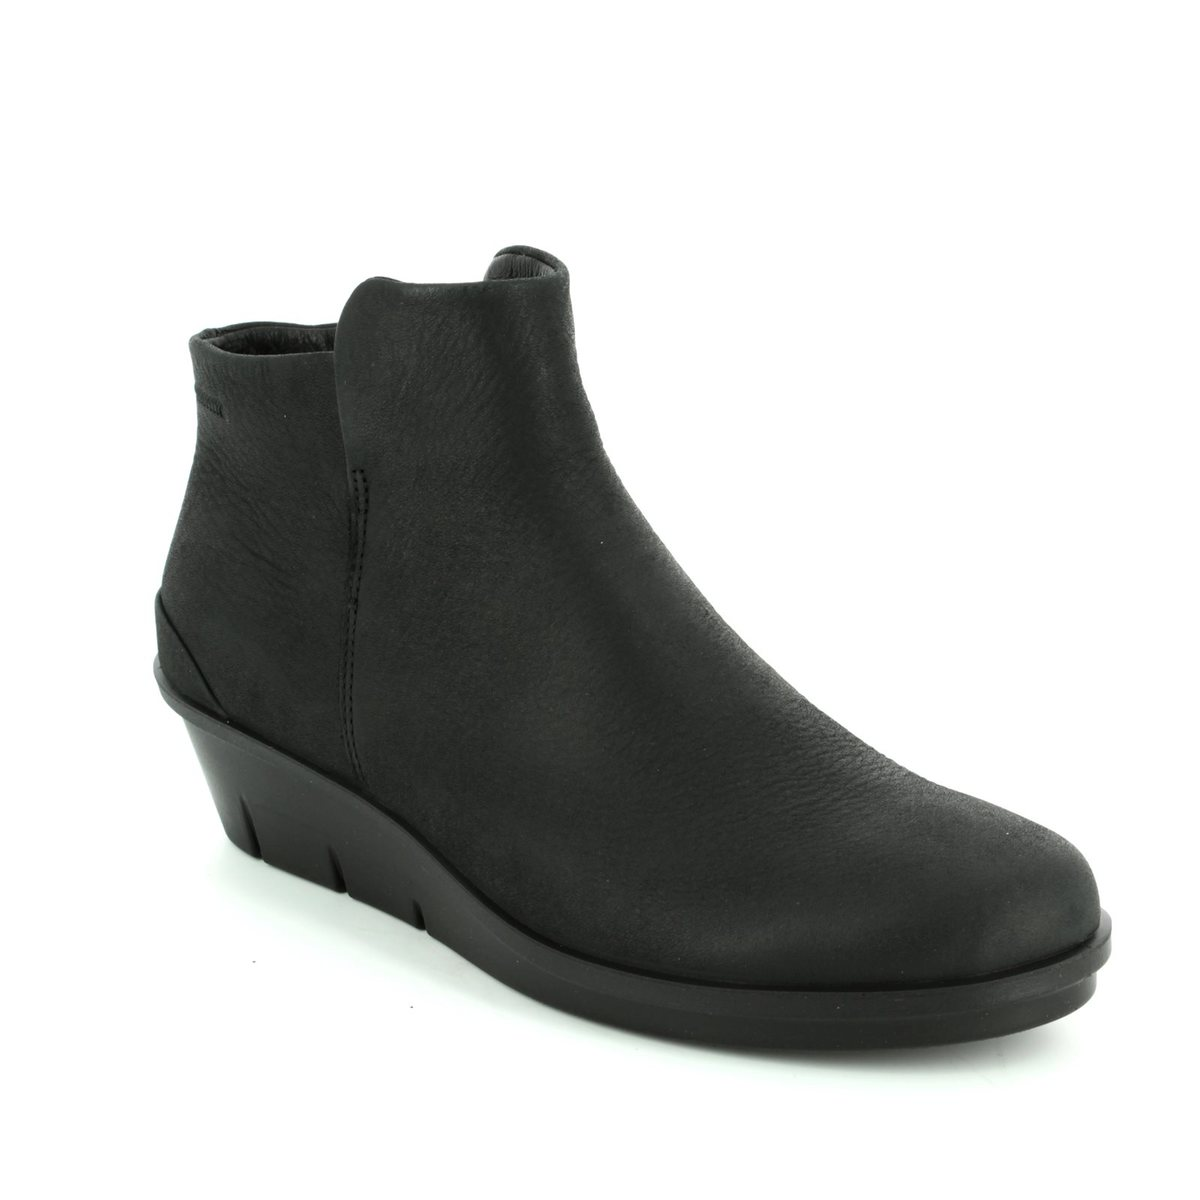 ECCO Wedge Boots - Black - 286013 02001 SKYLER 8a42c42877e5